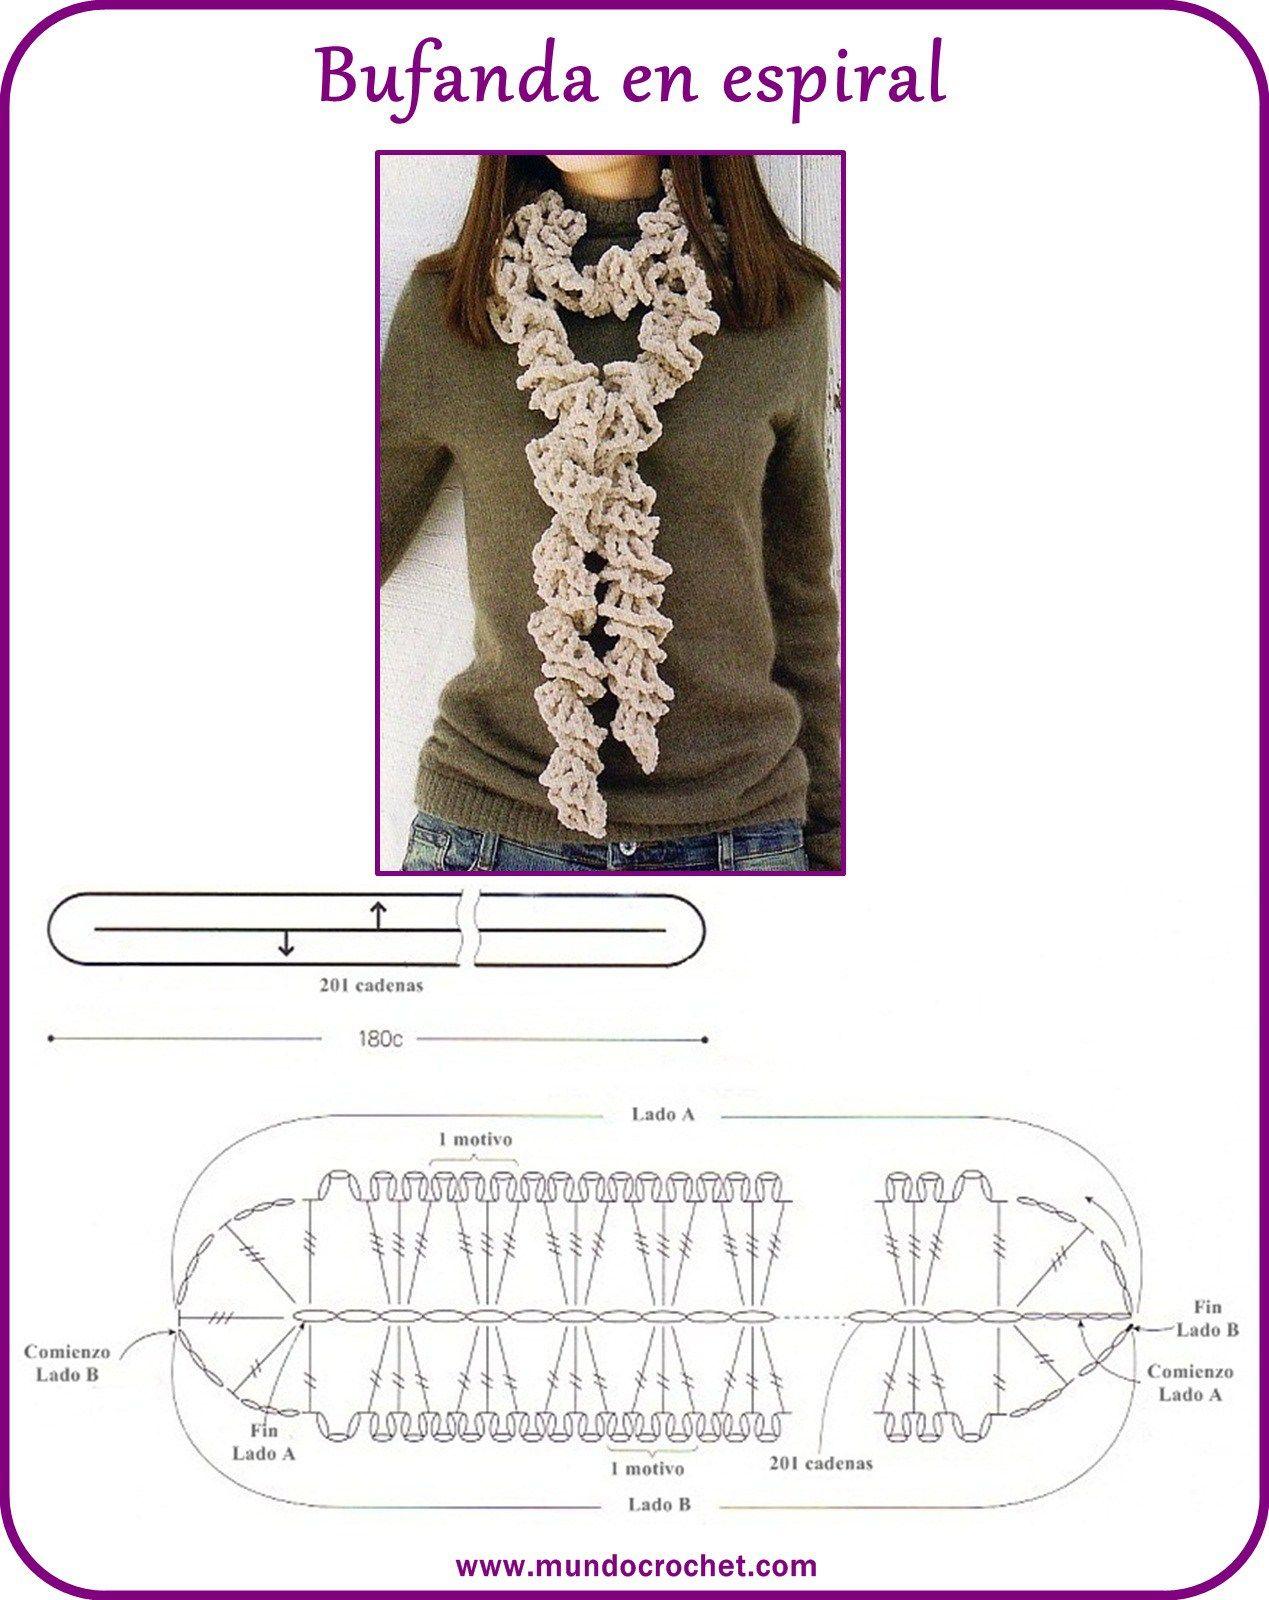 Bufanda crochet espiral | Crochet | Pinterest | Crochet espiral ...